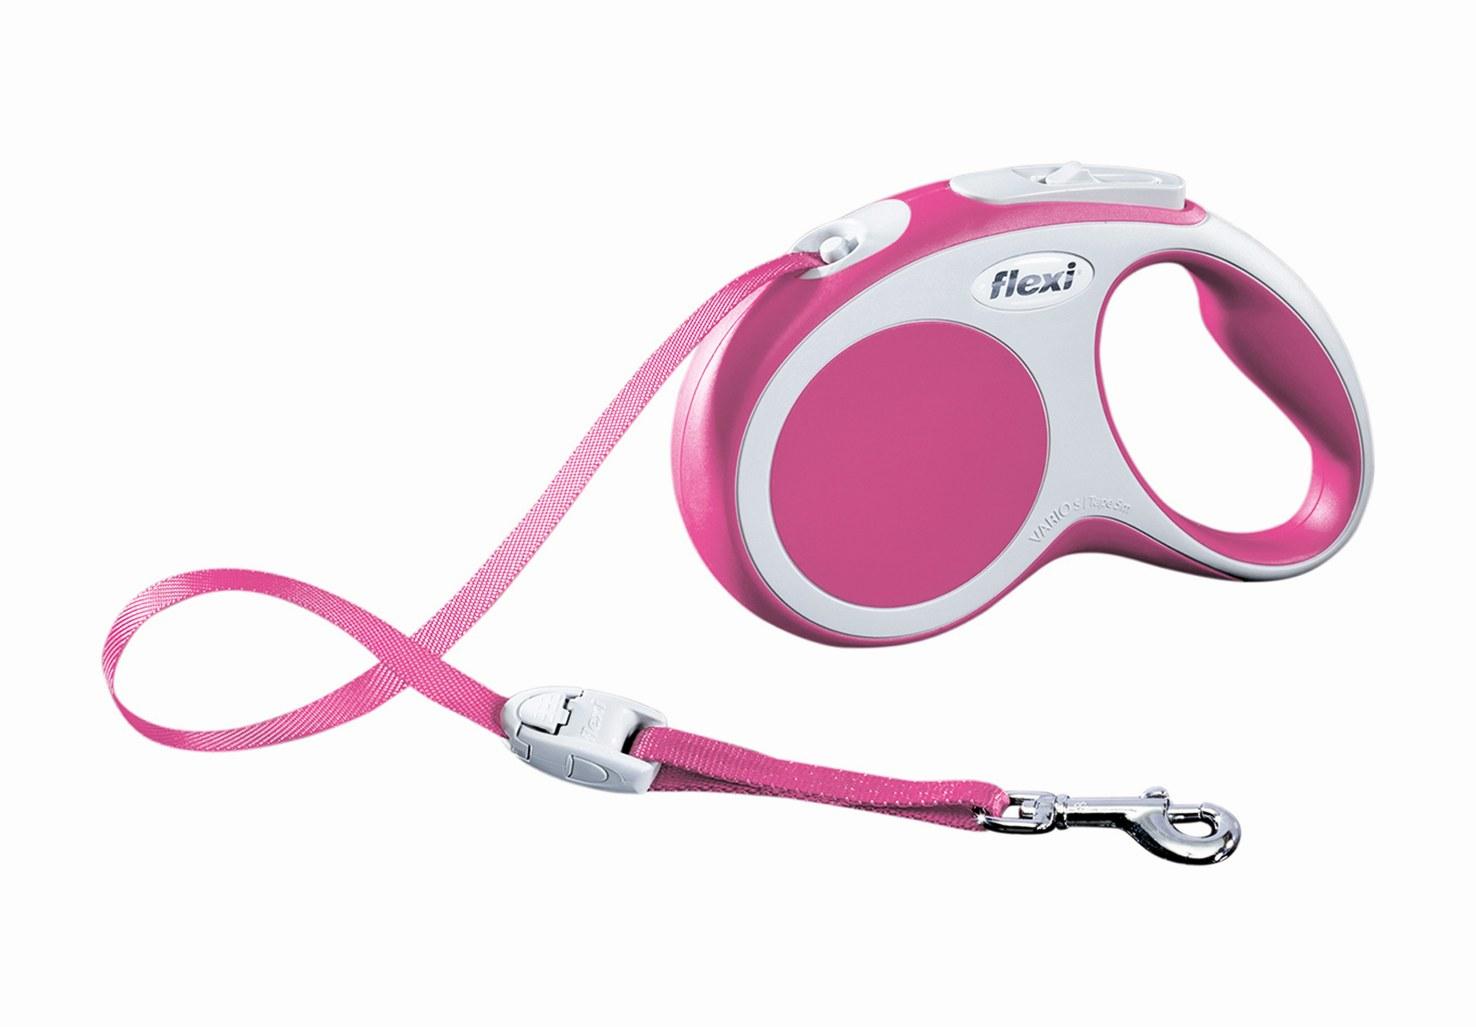 Поводок-рулетка Flexi Vario Compact S для собак до 15 кг, цвет: розовый, 5 м019955Поводок-рулетка Flexi Vario Compact S изготовлен из пластика и нейлона. Ленточный поводок обеспечивает каждой собаке свободу движения, что идет на пользу здоровью и радует вашего четвероногого друга. Рулетка очень проста в использовании, оснащена кнопками кратковременной и постоянной фиксации. Ее можно оснастить - мультибоксом для лакомств или пакетиков для сбора фекалий, LED подсветкой корпуса, своркой или ремнем с LED подсветкой. Поводок имеет прочный корпус, хромированную застежку и светоотражающие элементы. Длина поводка: 5 м. Максимальная нагрузка: 15 кг. Товар сертифицирован.